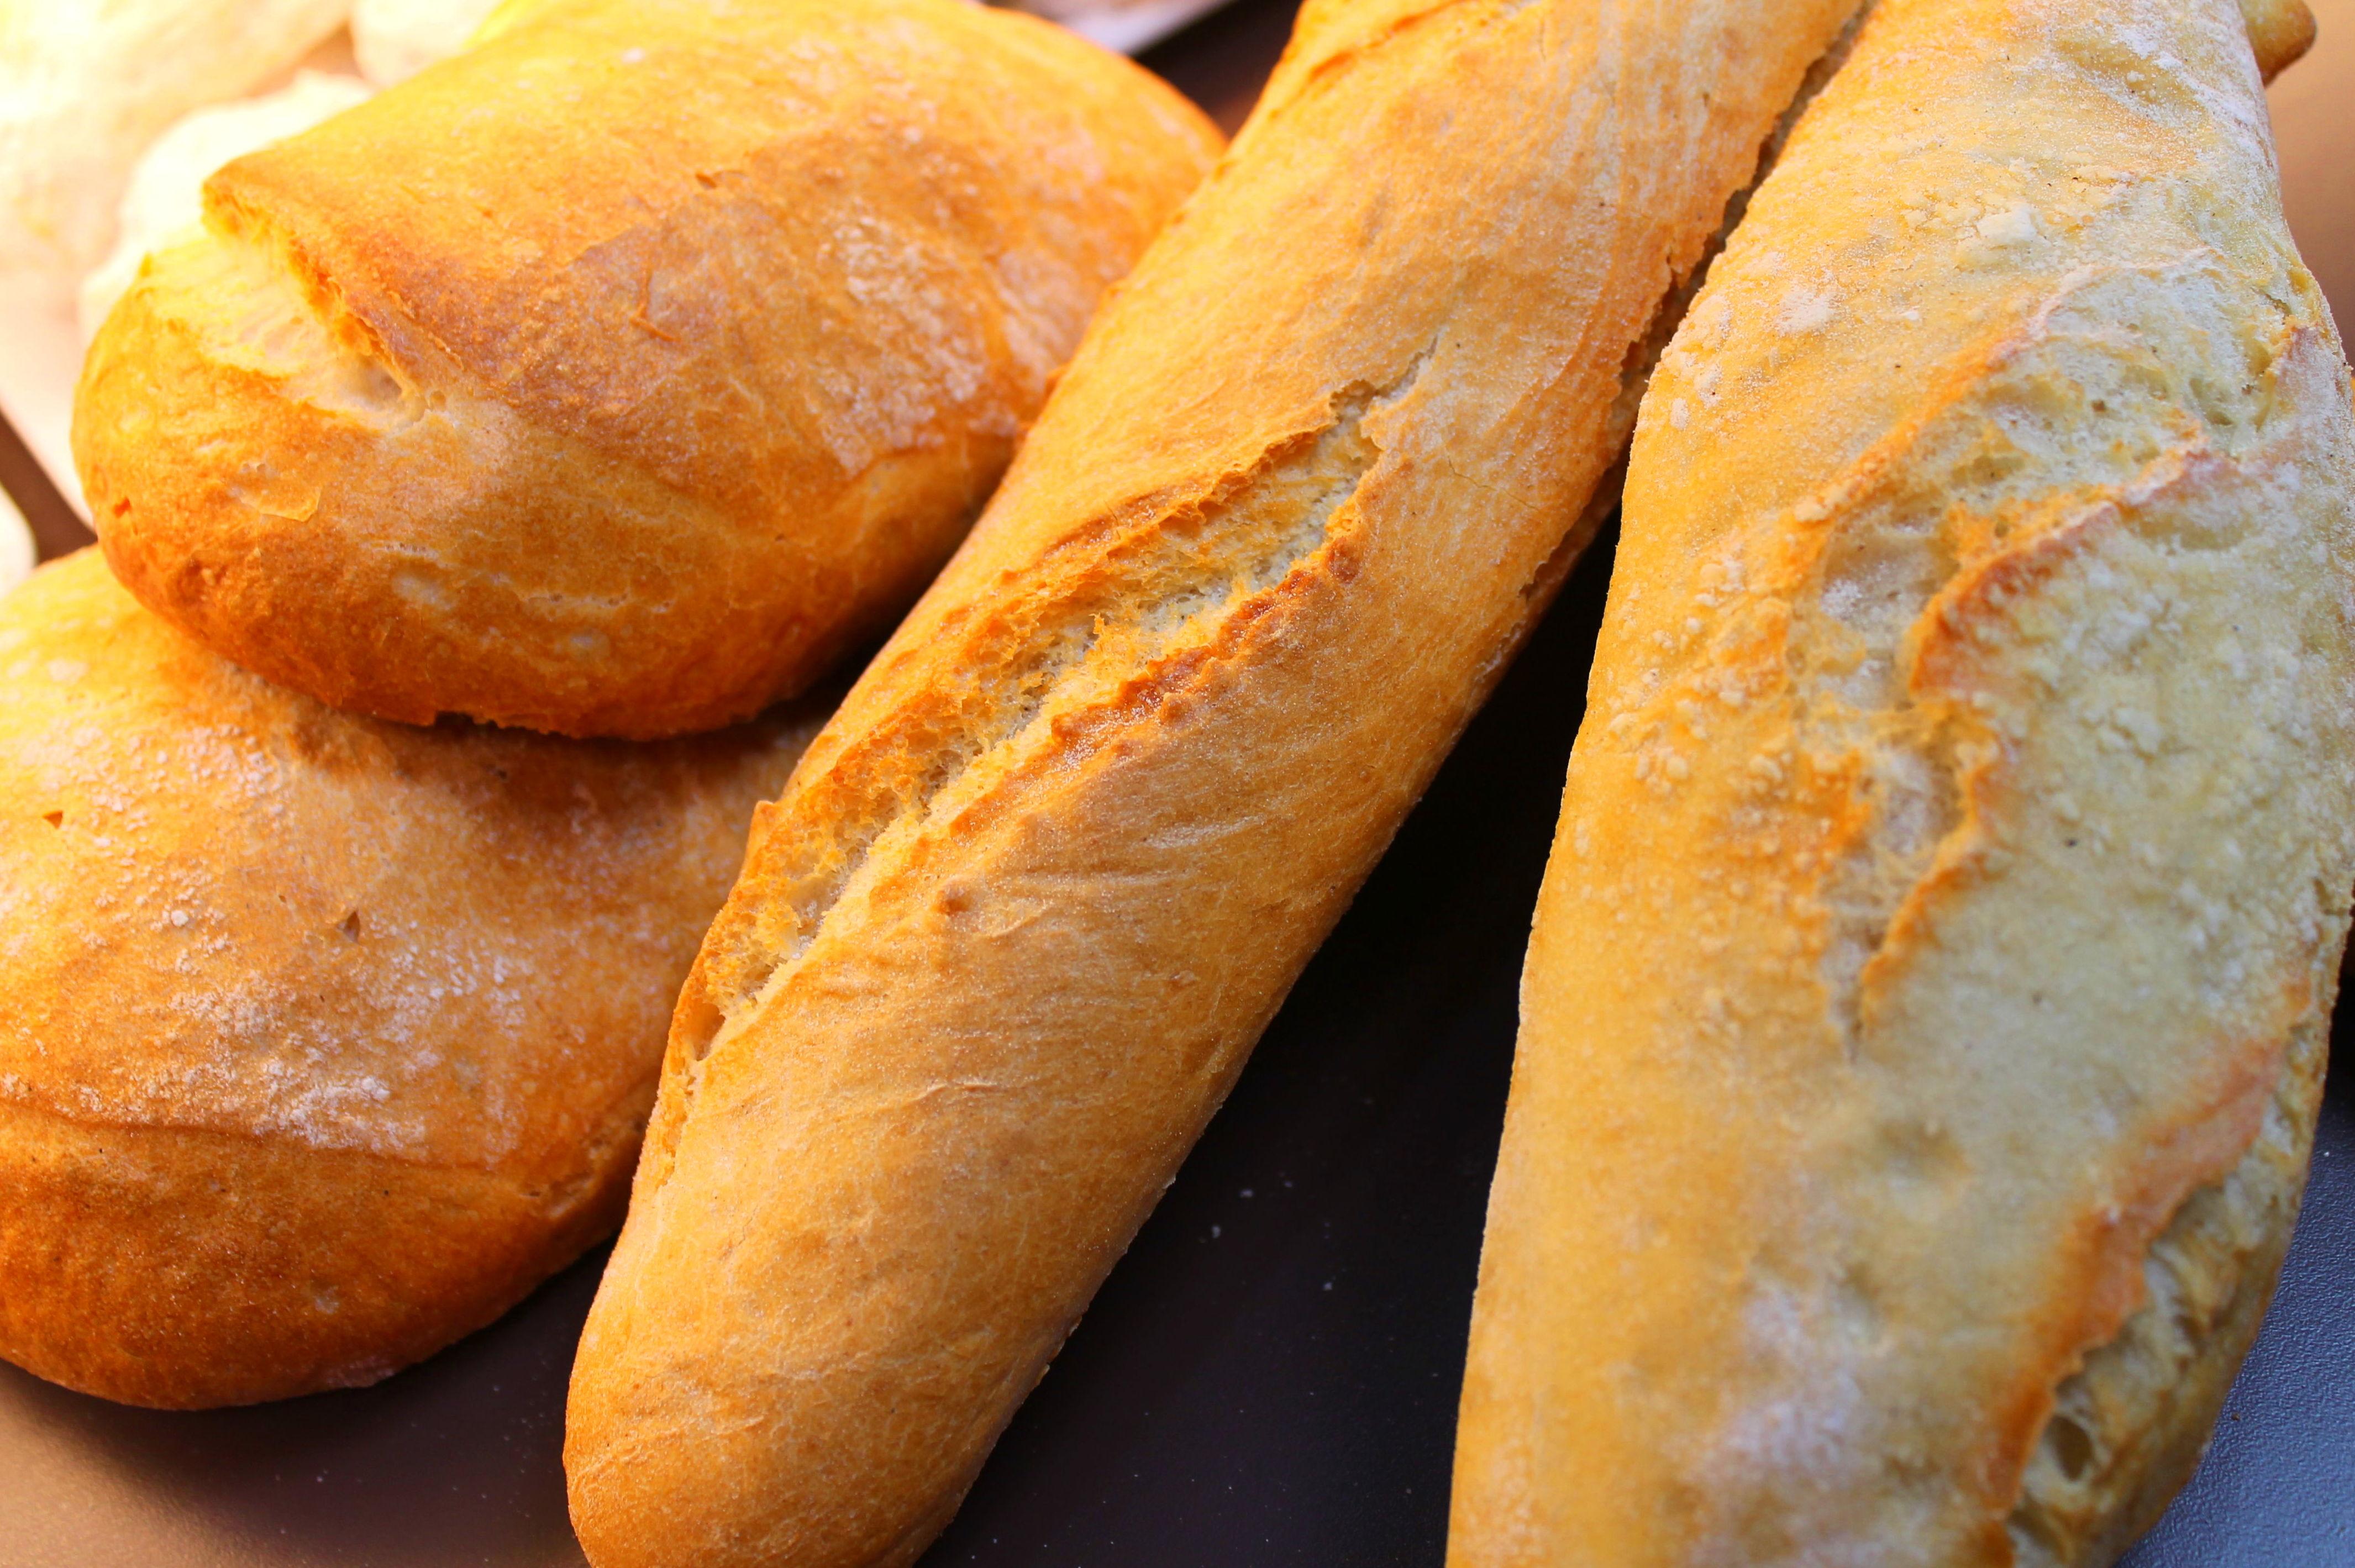 Foto 22 de Obrador artesano con amplia variedad de panes en Jaén | Panaderías y Confiterías Rodríguez